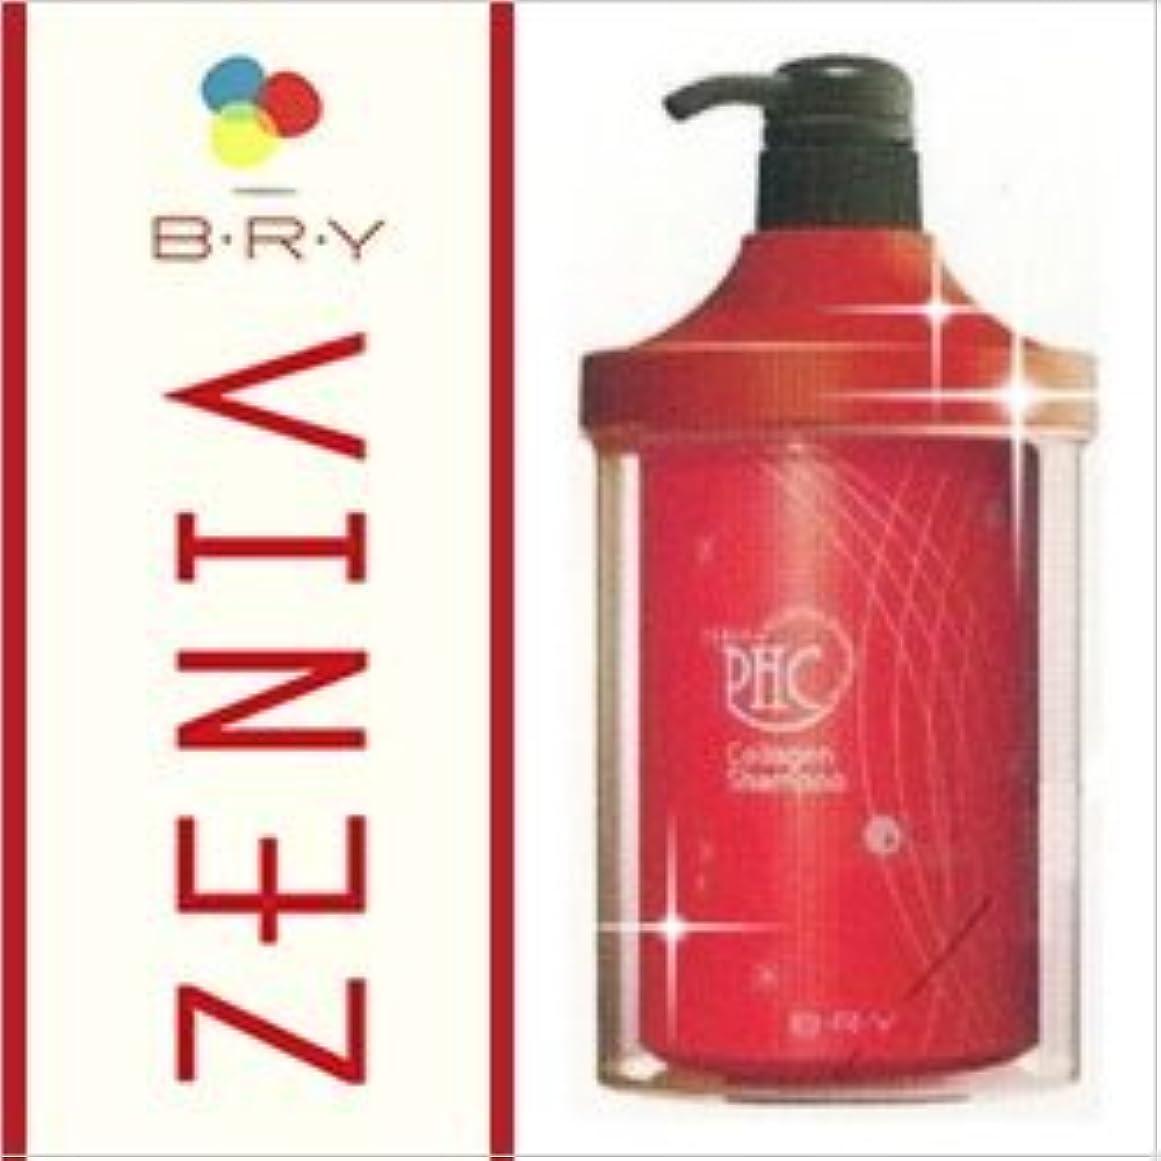 修理工価格のスコア★ZENIA ゼニア PHC コラーゲン シャンプー 800ml (ポンプ) [cosme]